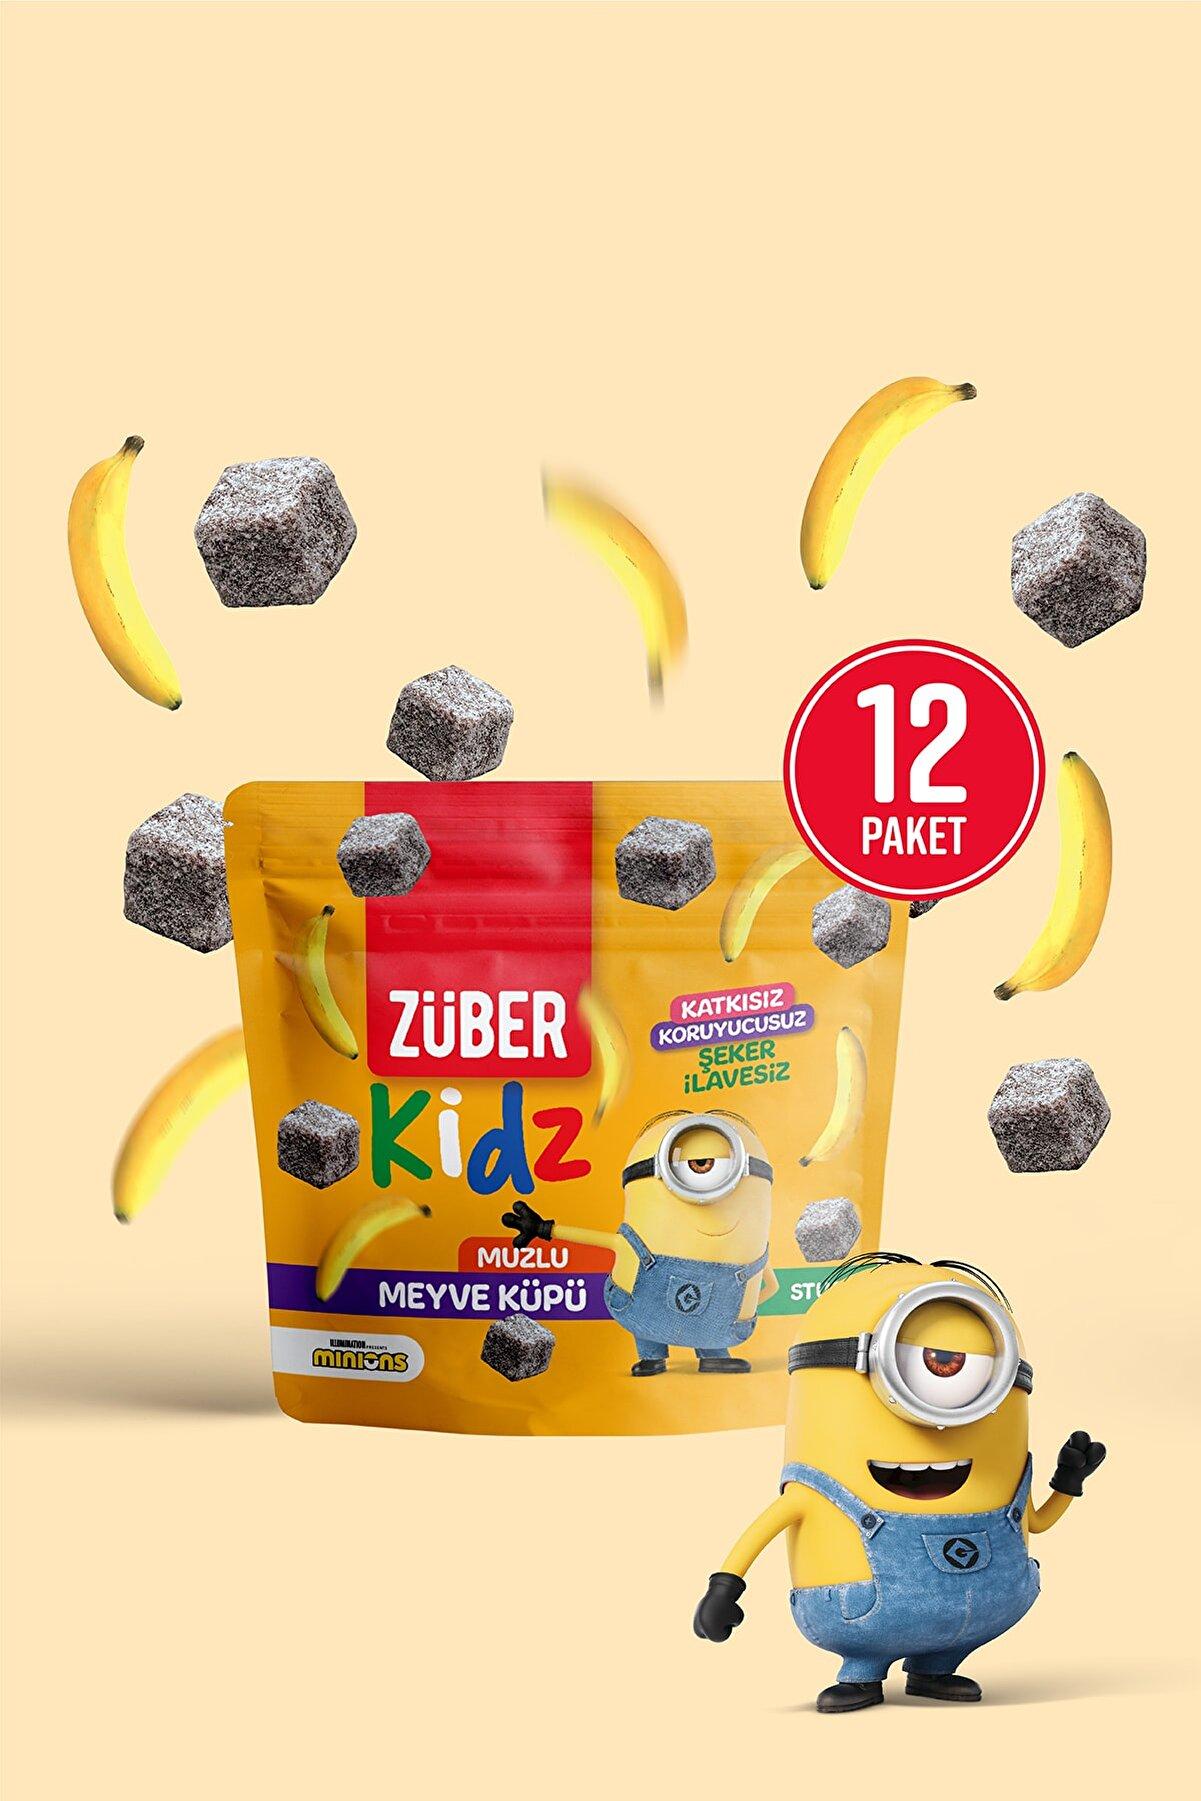 Züber Kidz Meyve Küpü Muzlu - 12 Adet X 49 gr